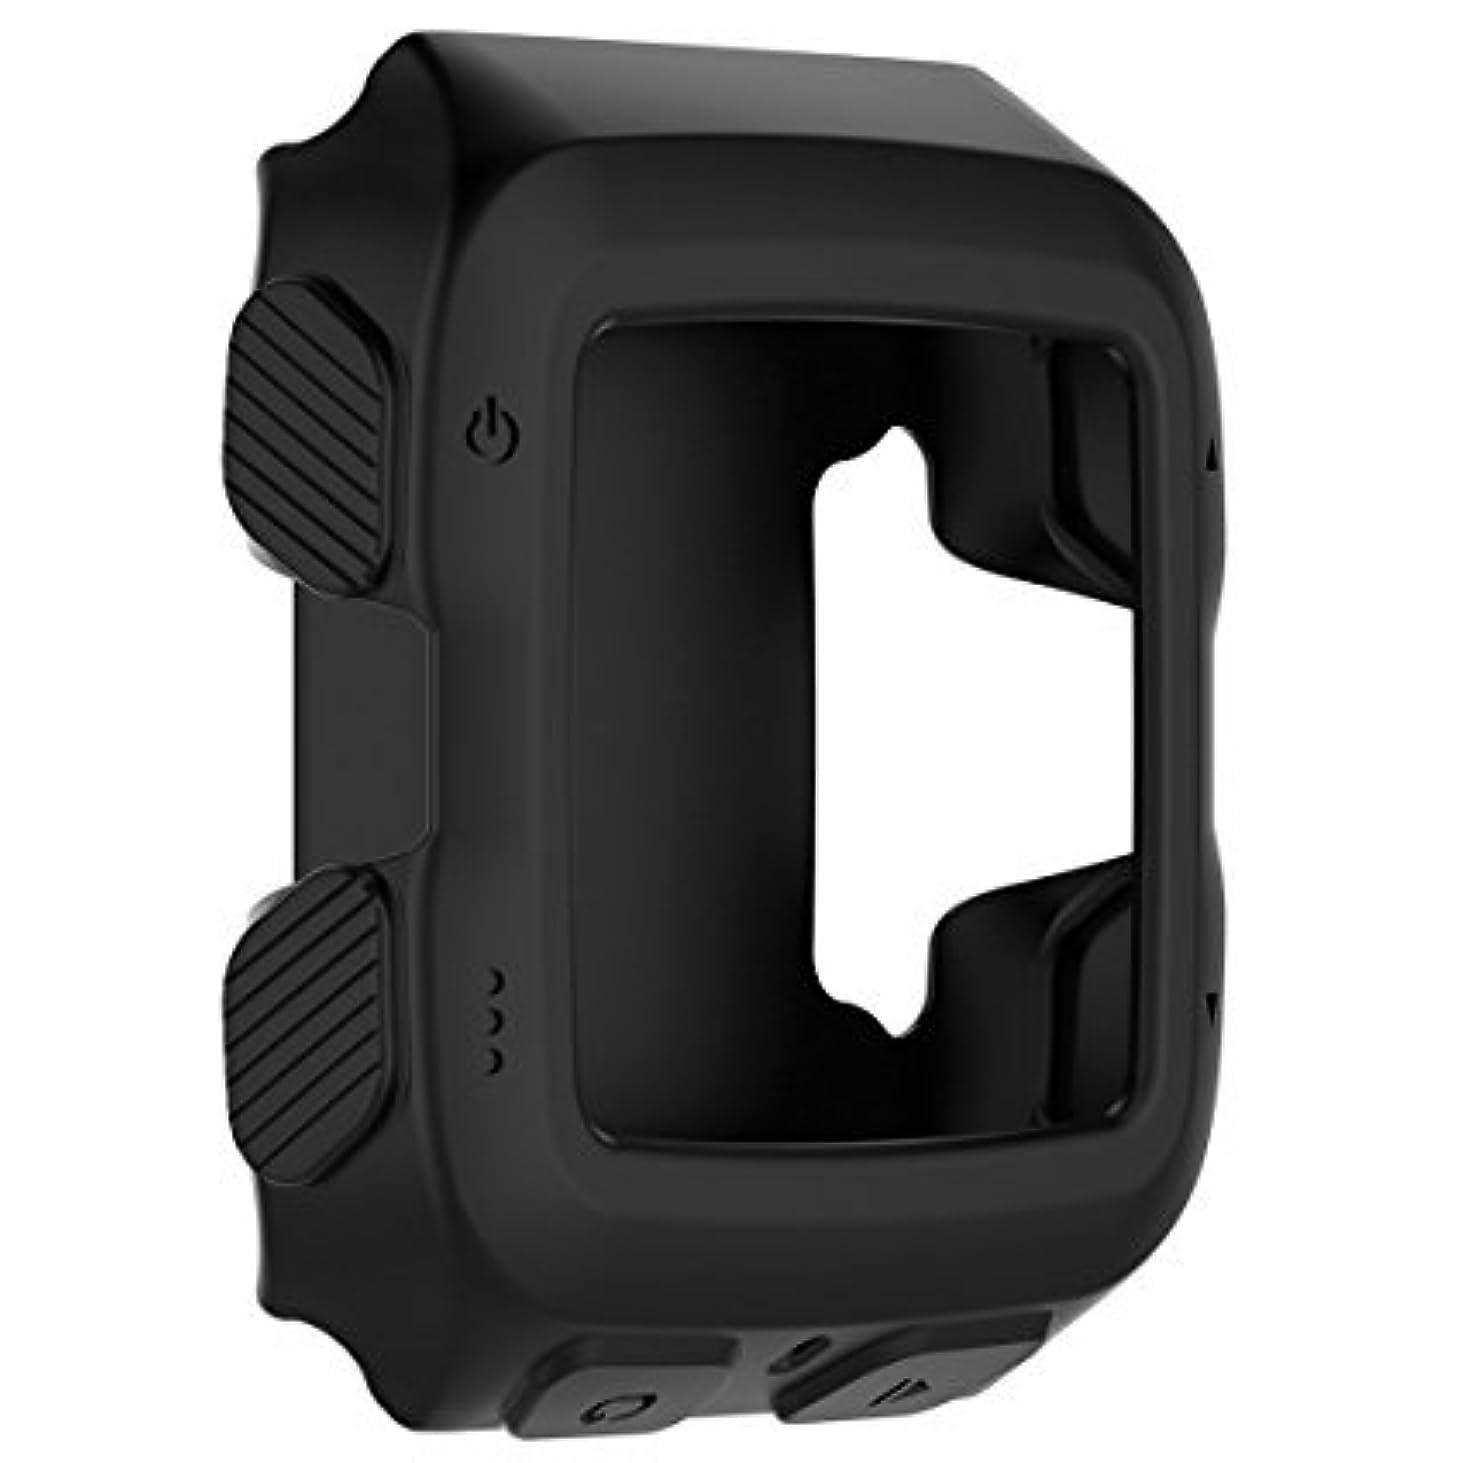 厳施設大西洋Garmin Forerunner 920XT ケース、交換用TPUアクセサリシリコン保護ケース、耐衝撃性と破損しない保護ケース用 Garmin Forerunner 920XT Smart Watch